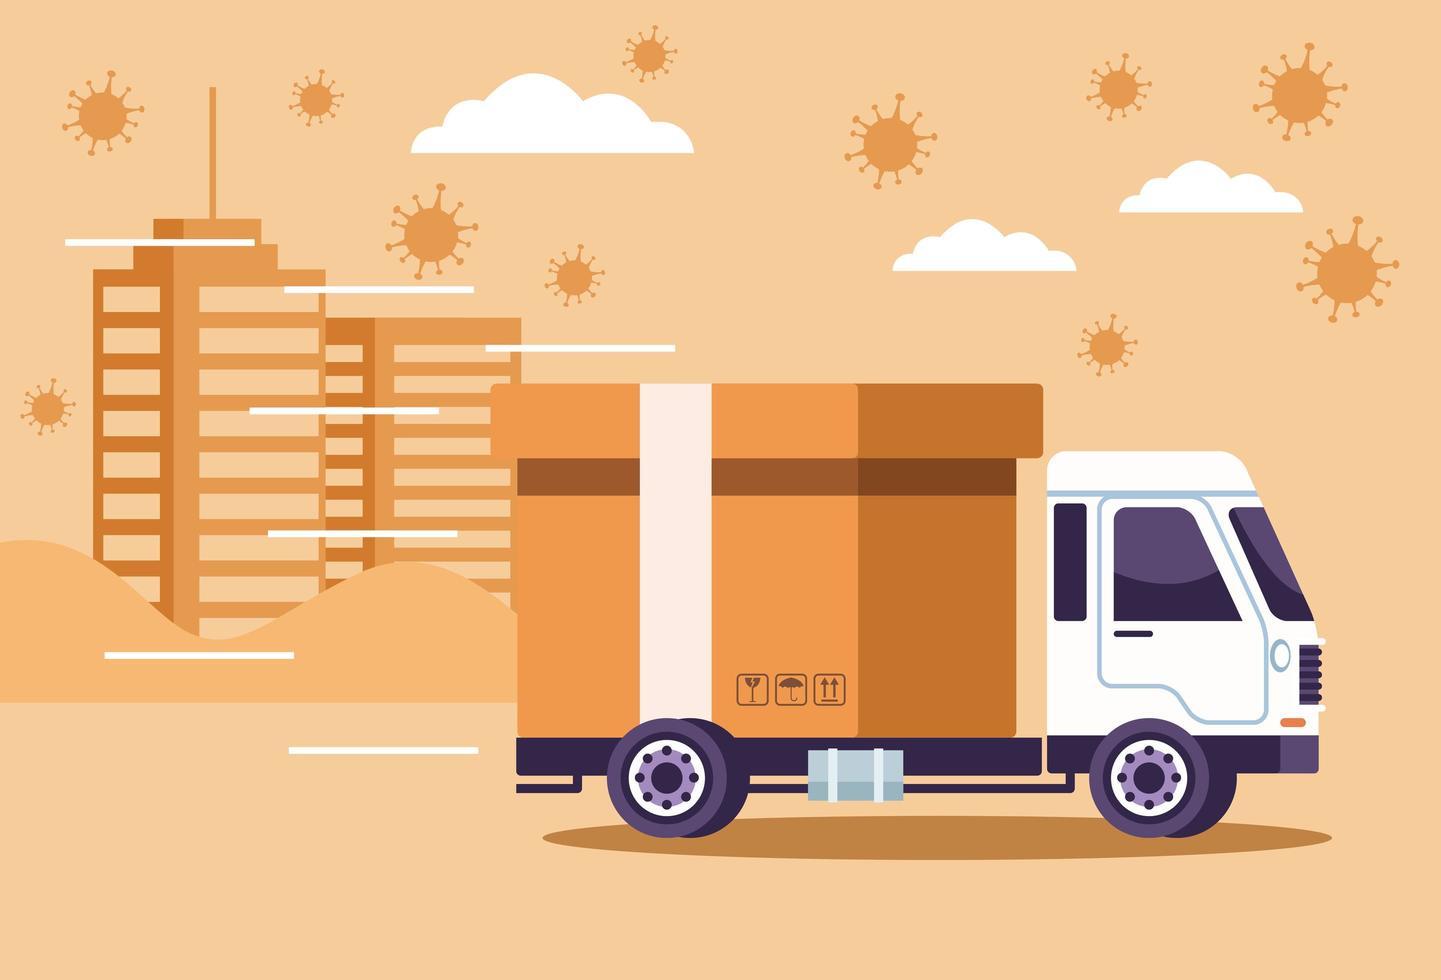 servizio di consegna camion con particelle di coronavirus vettore